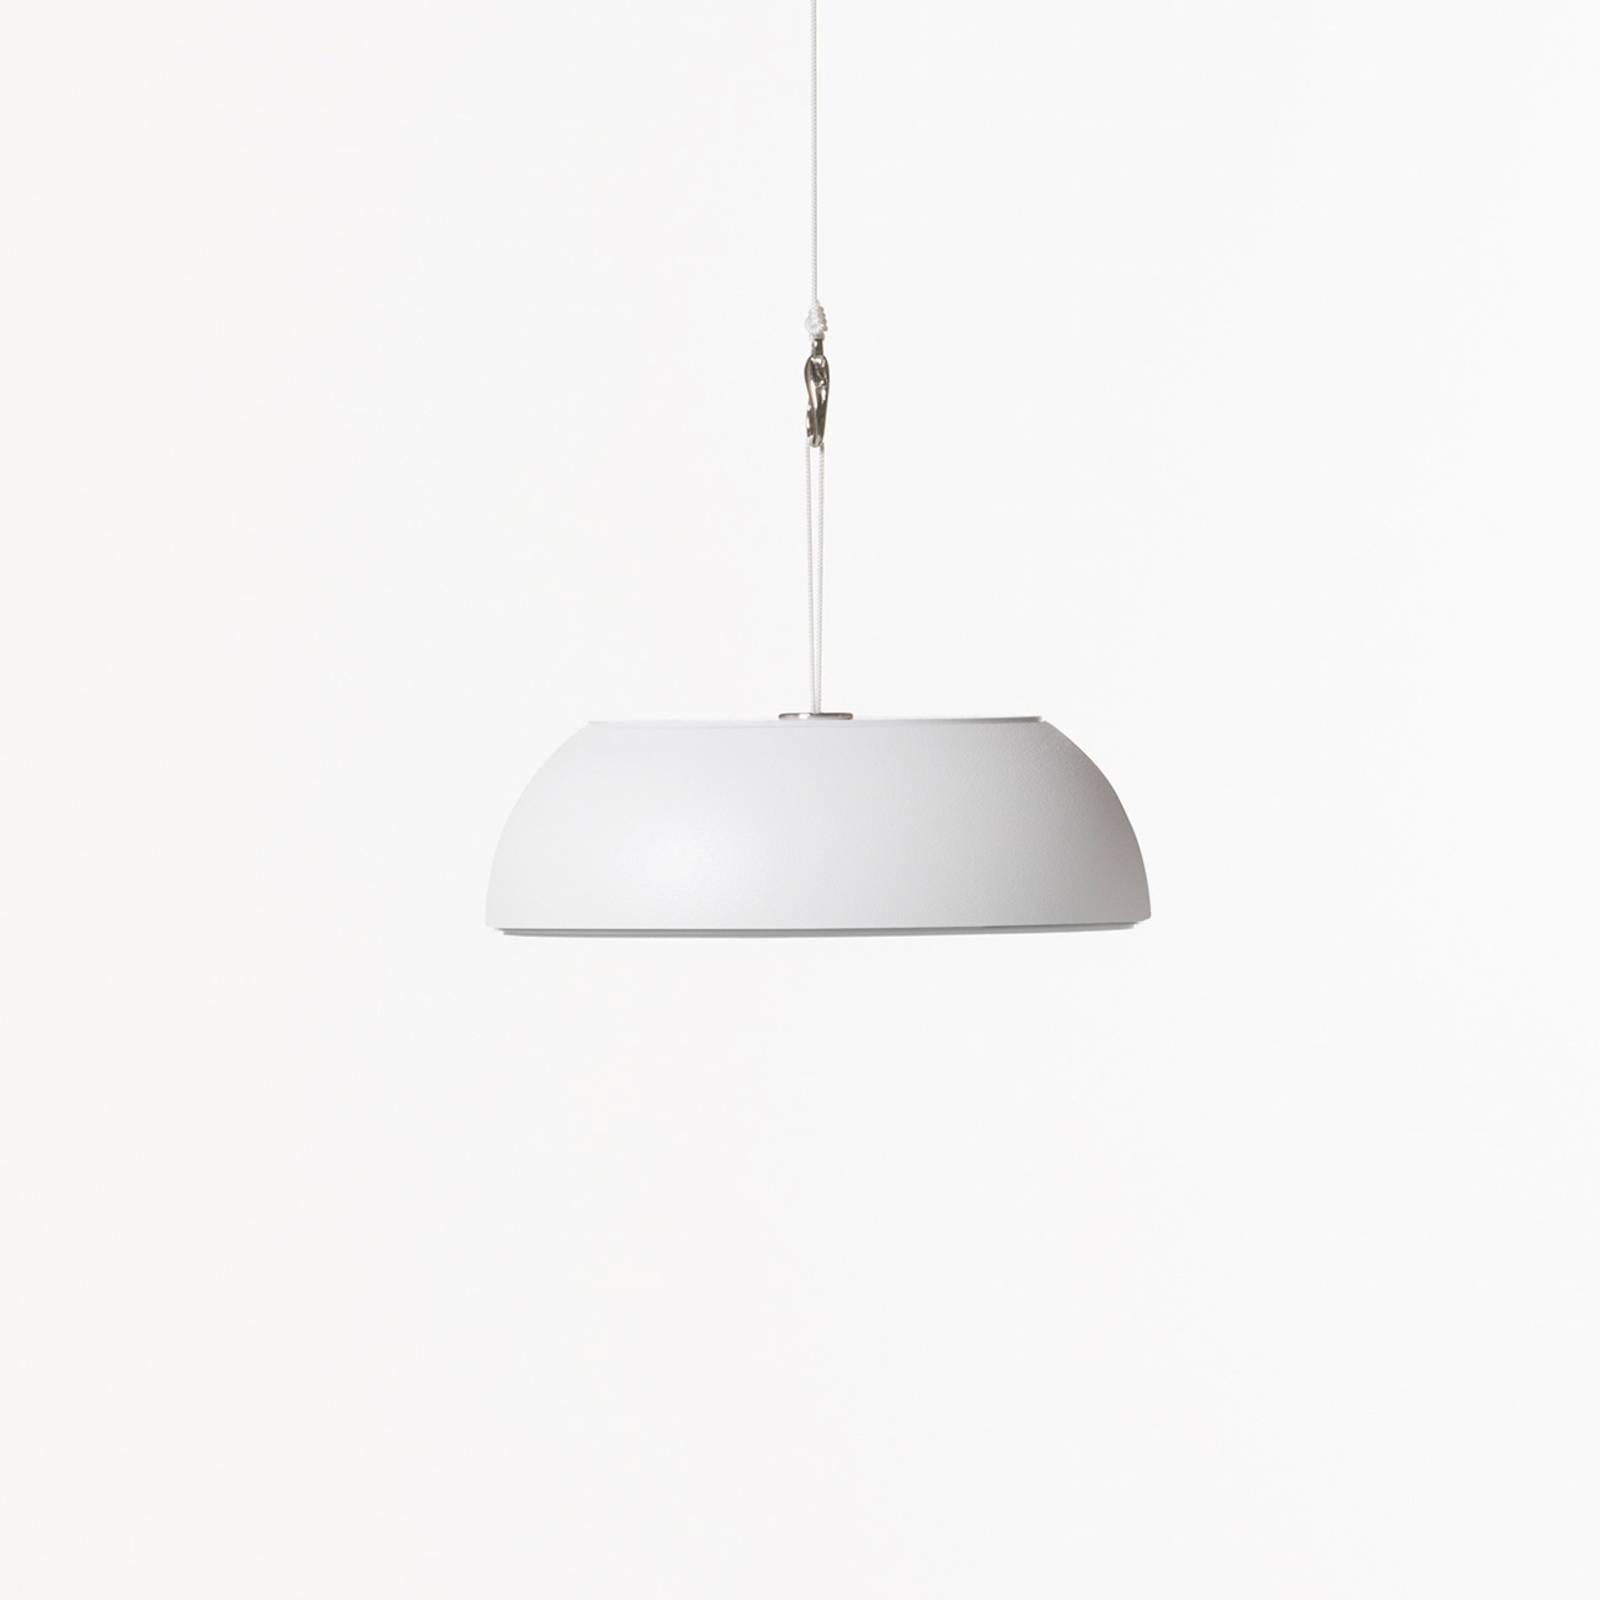 Axolight Float LED-Hängeleuchte, weiß